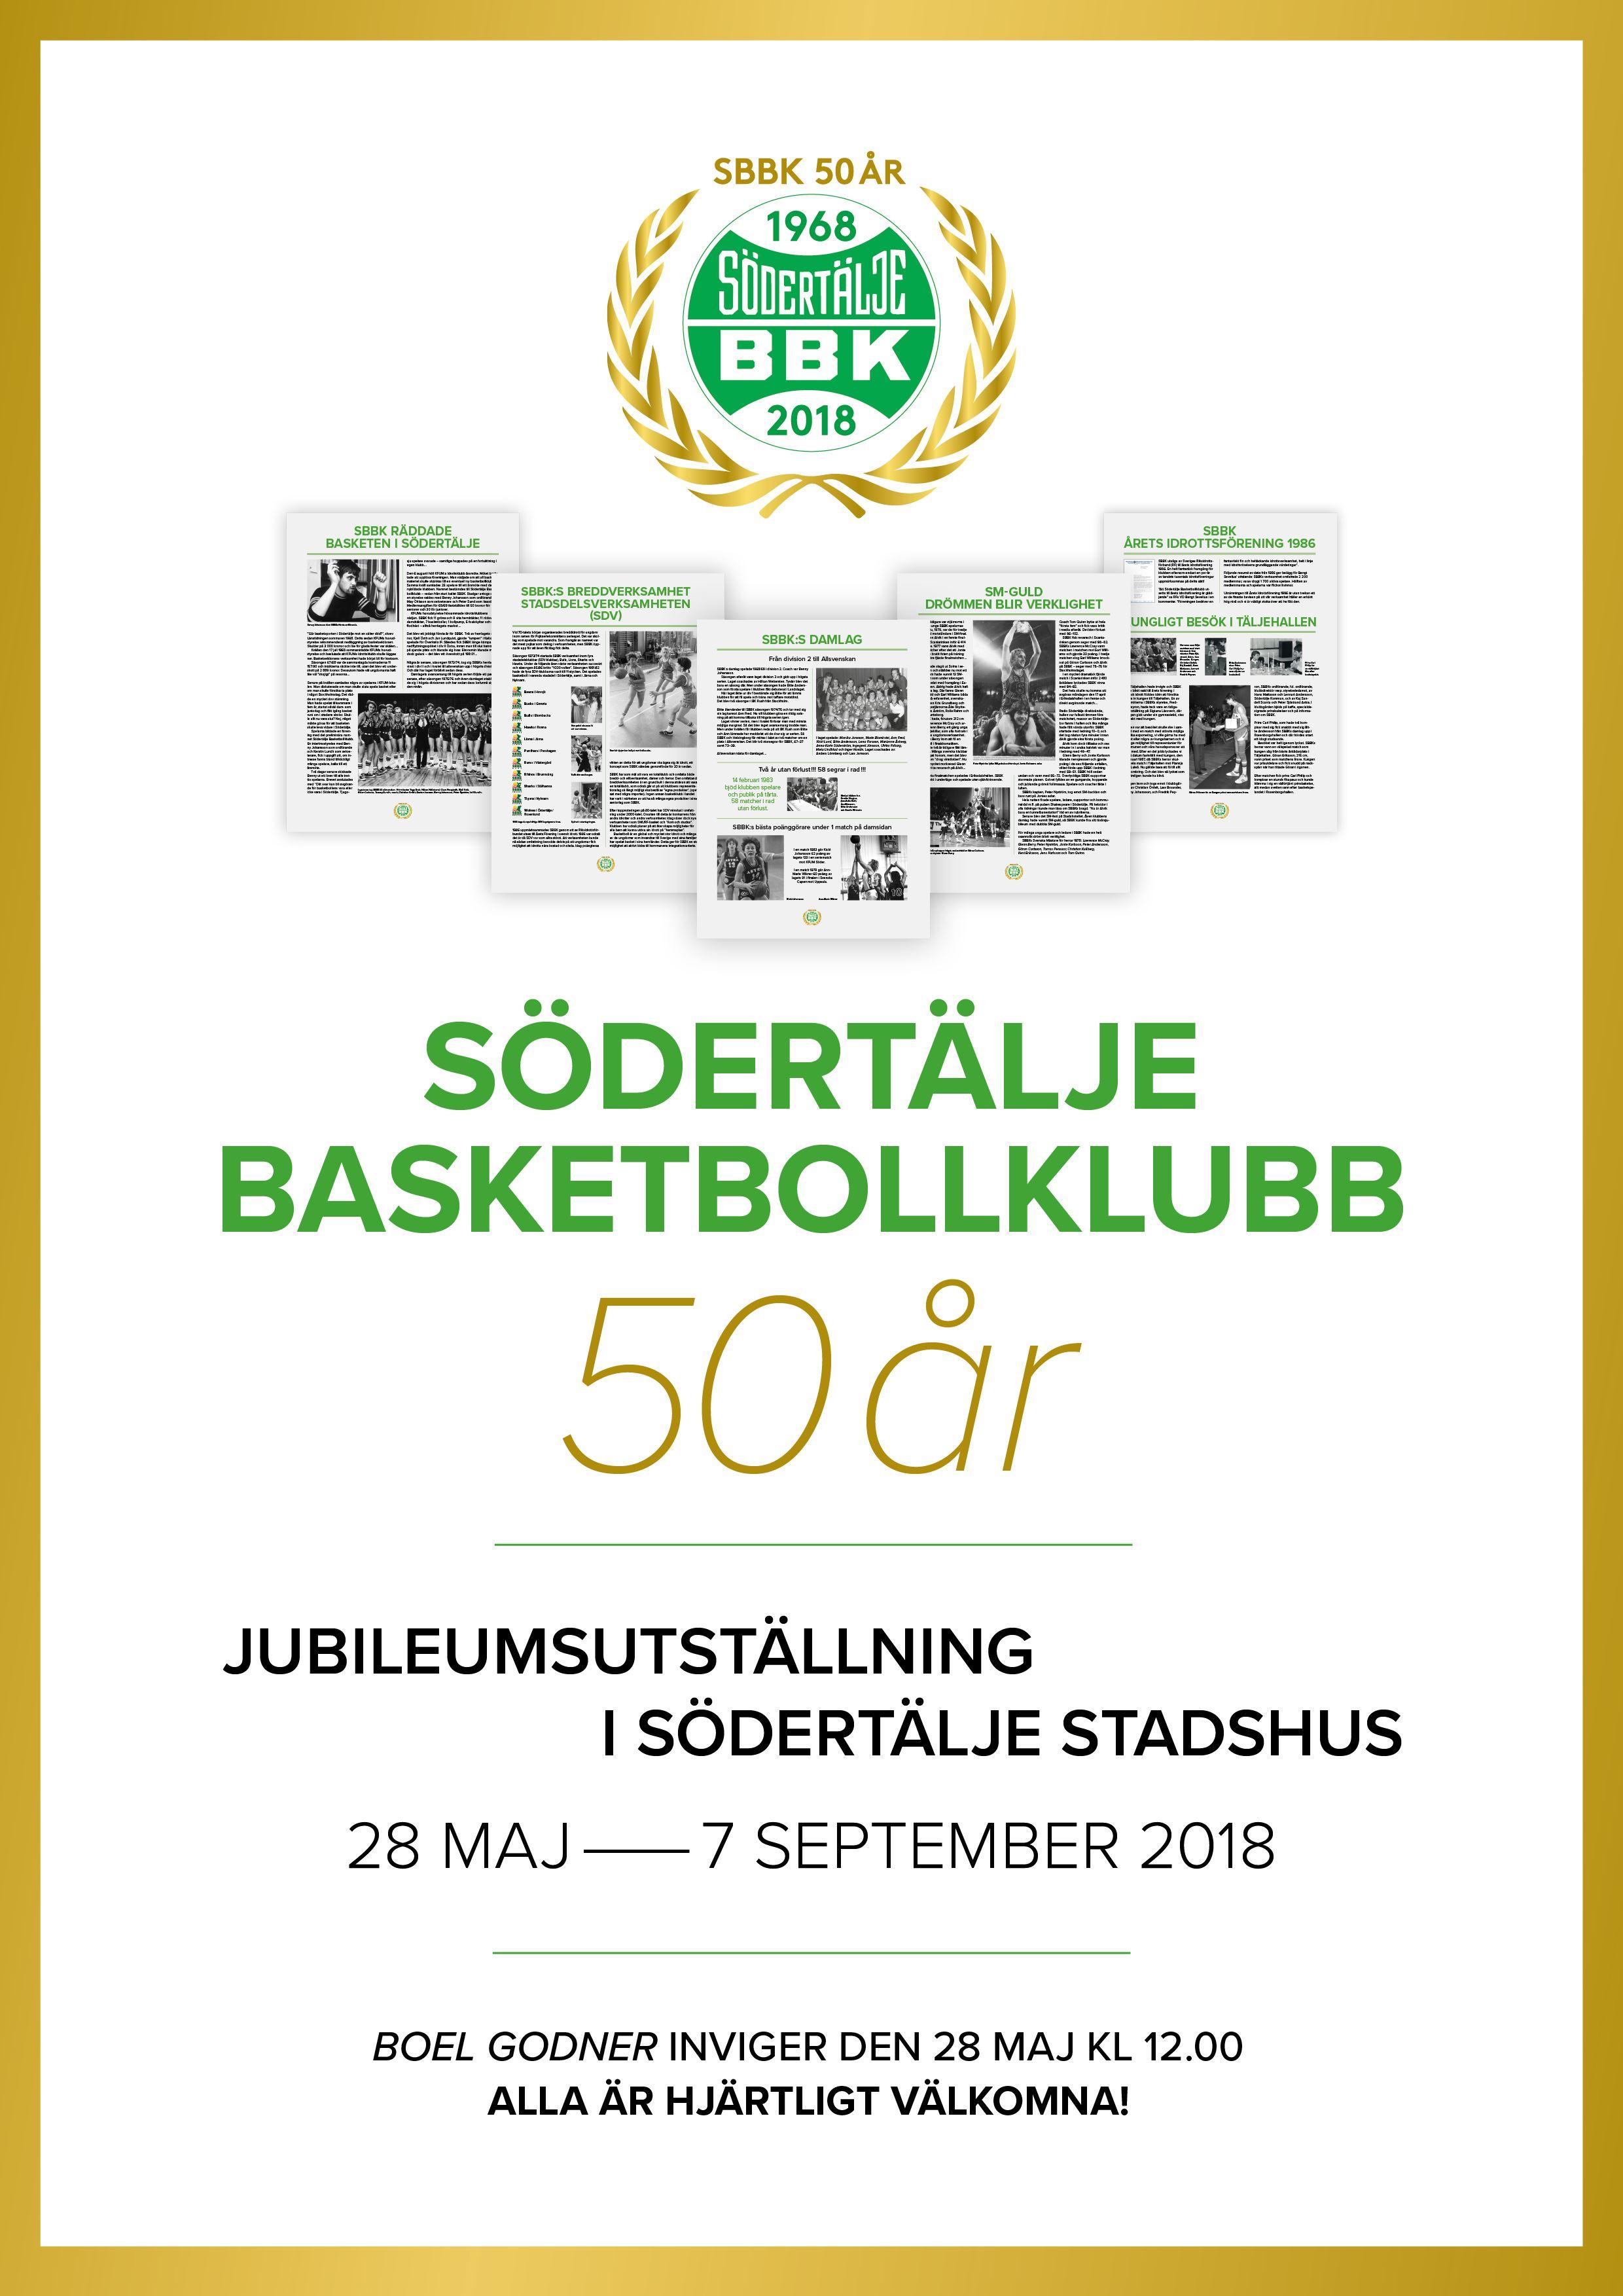 Södertälje Basketbollklubb 50 år!